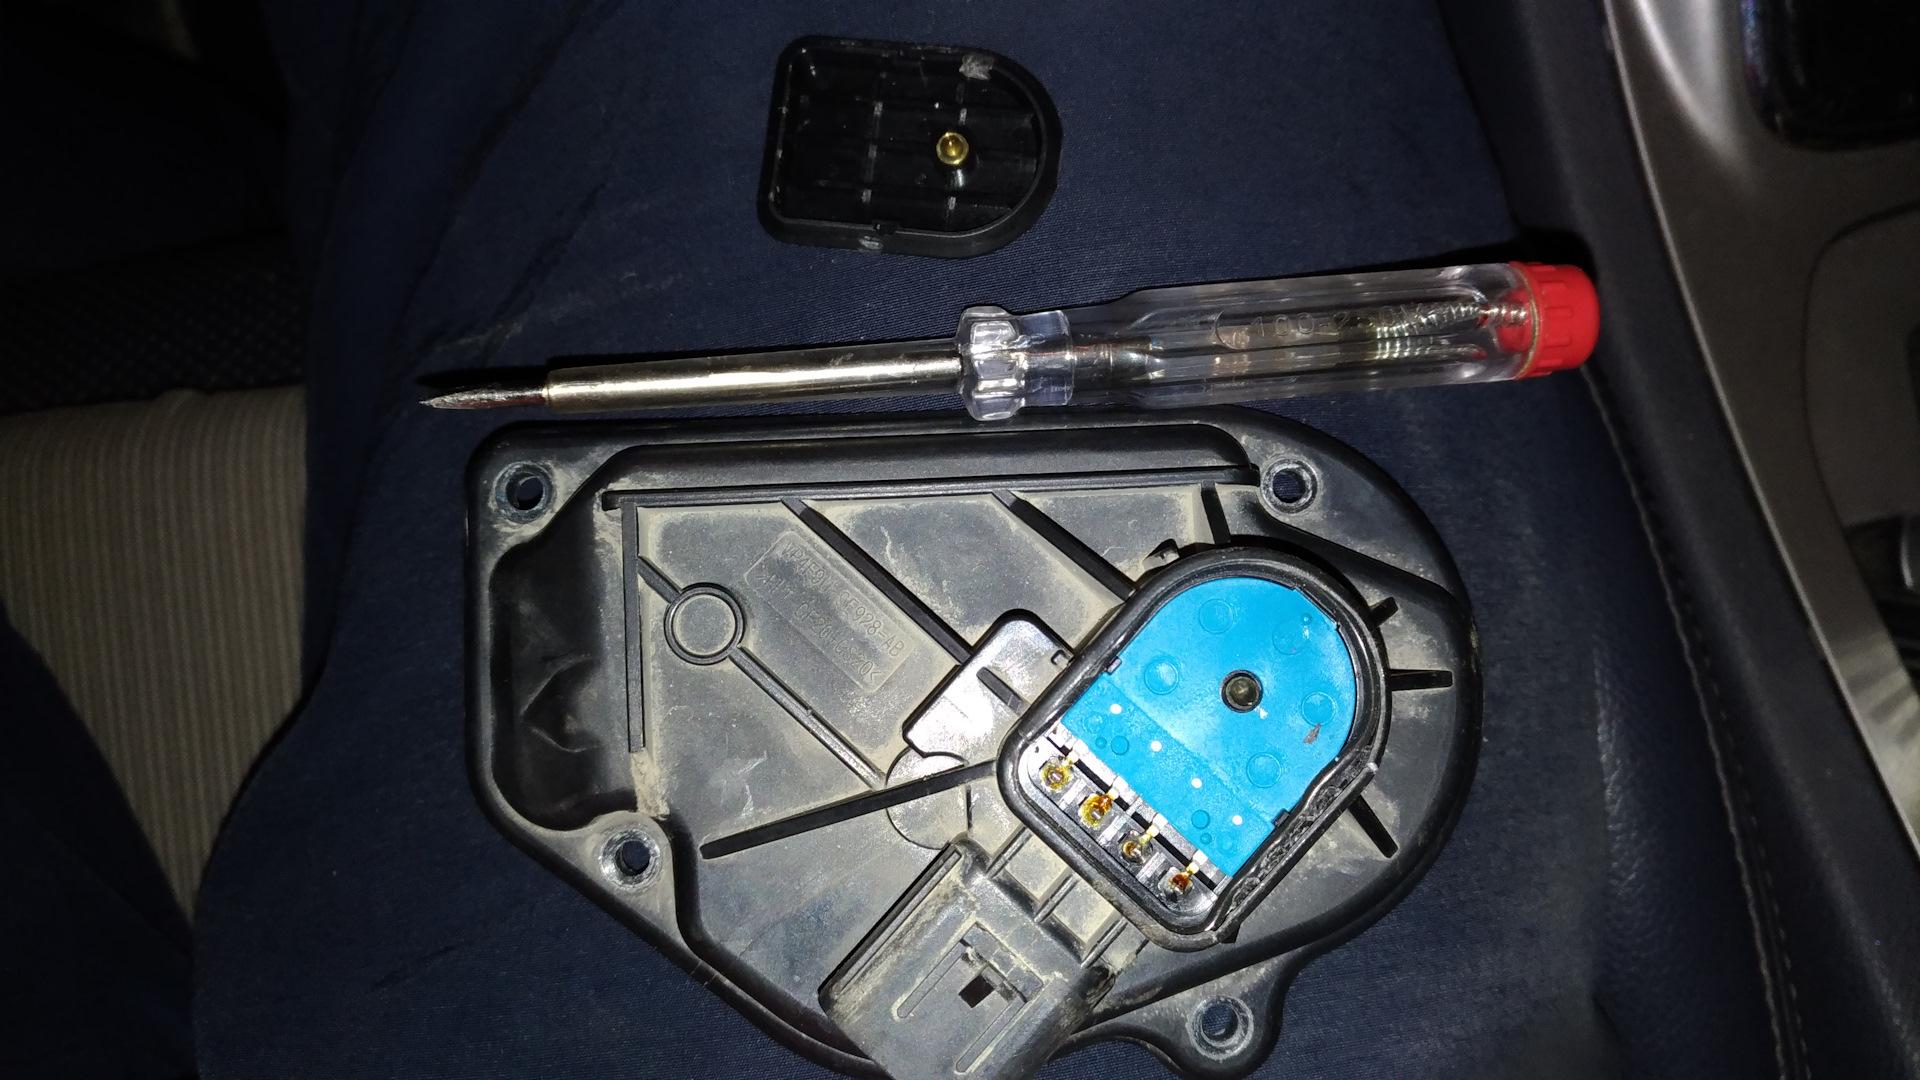 ford s-max сообщение двигатель неисправен заслонка